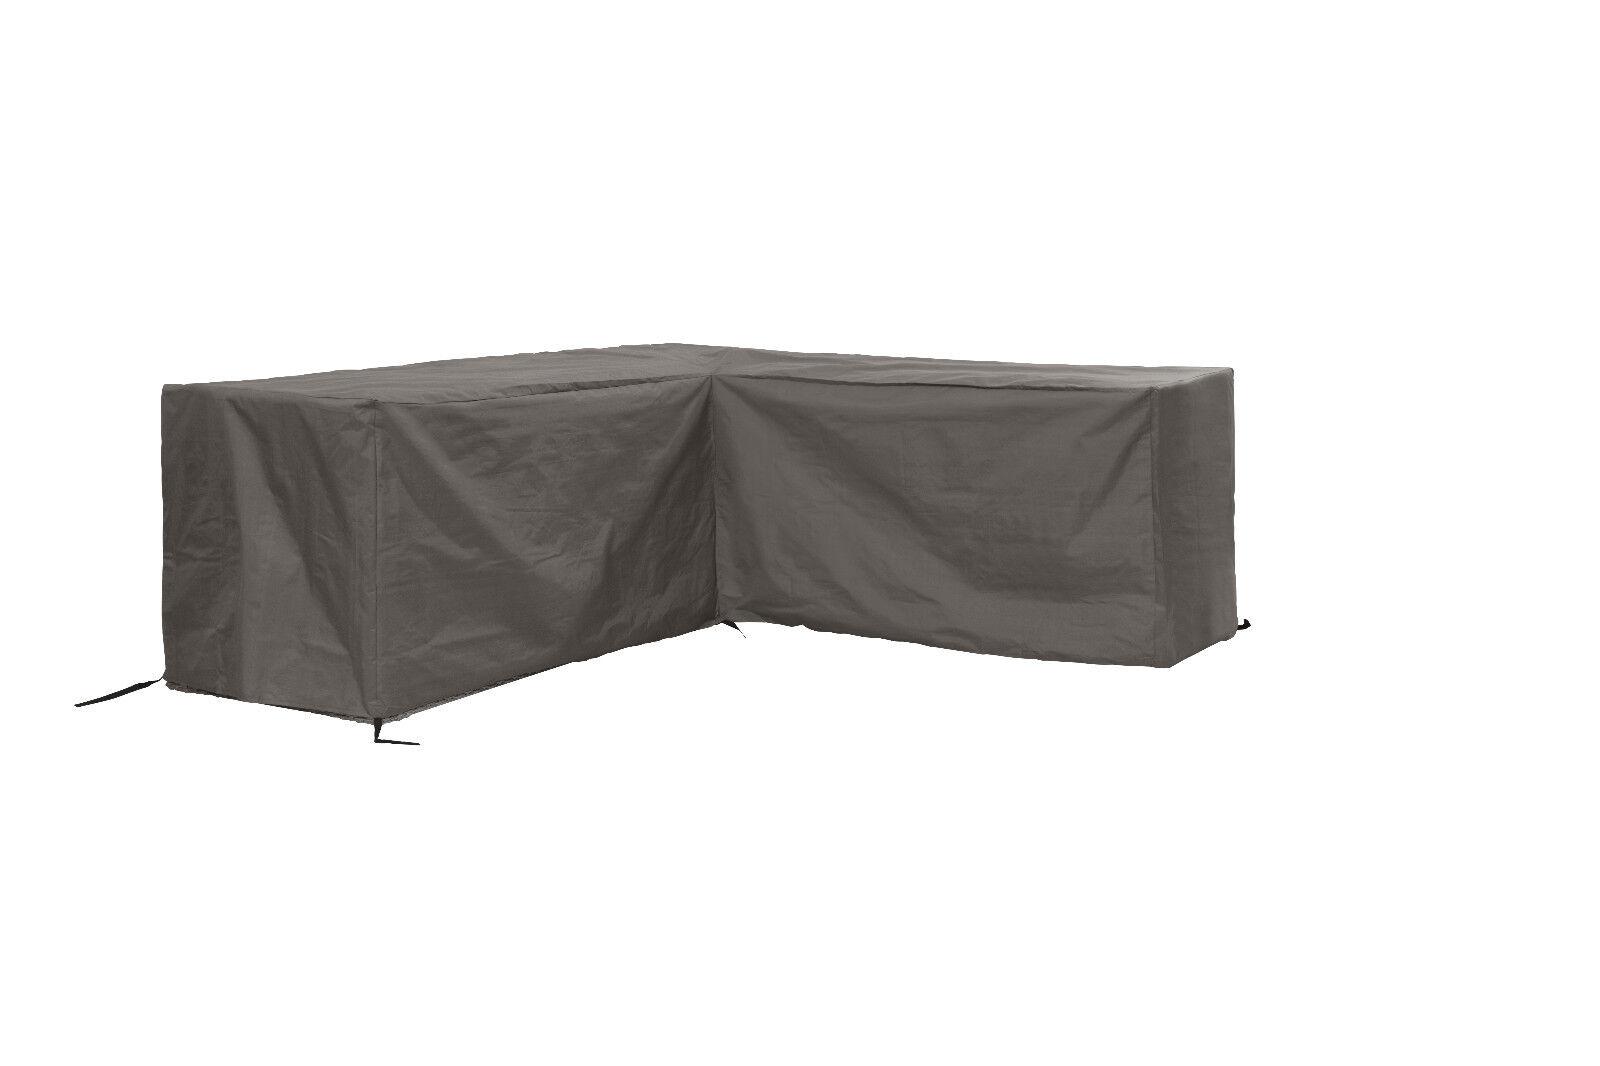 Premium Schutzhülle für Loungegruppen 215 85x285 85x70cm         Online einkaufen  5d8f35